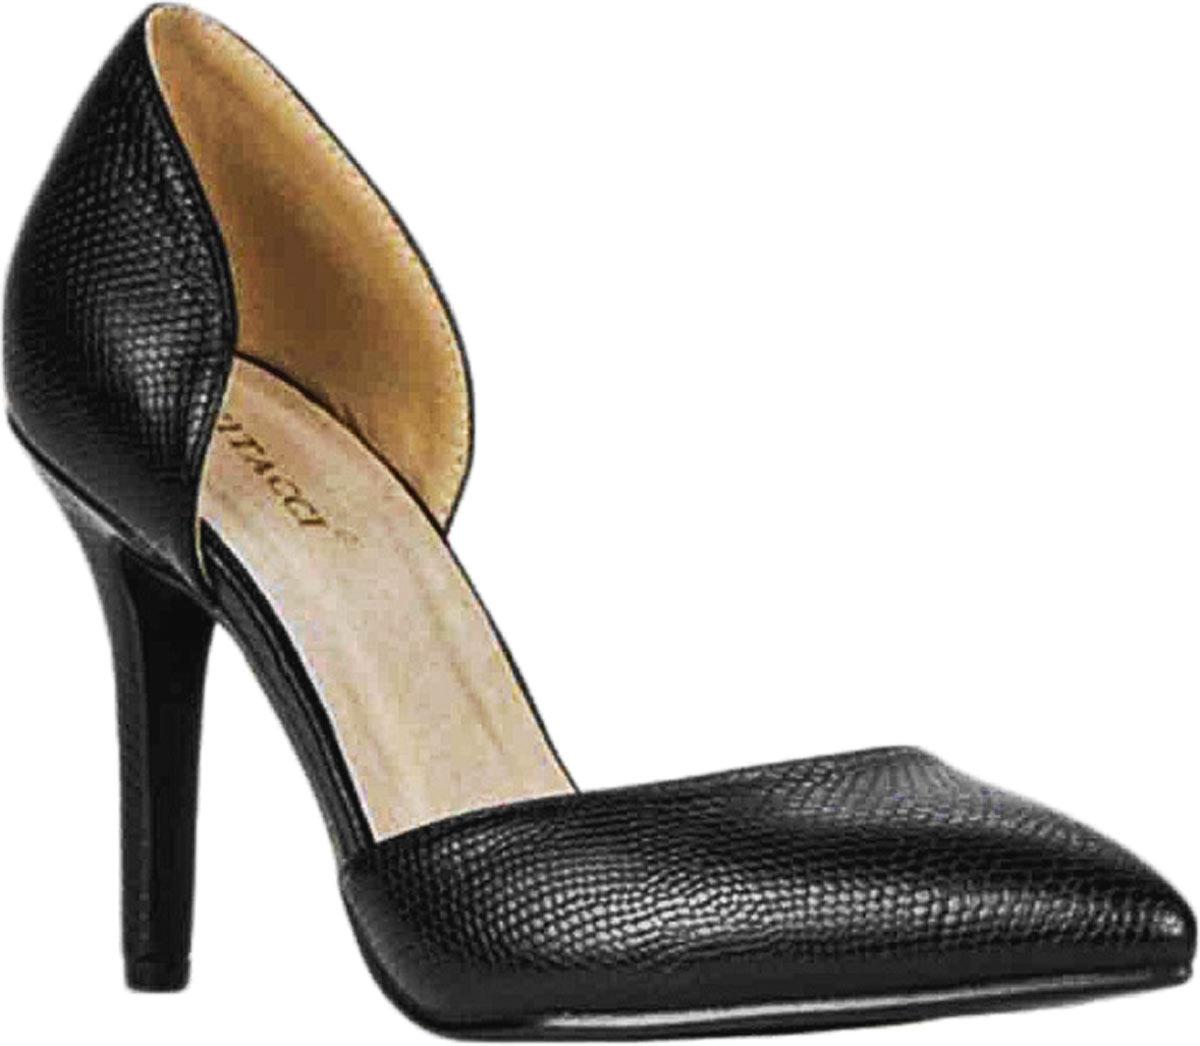 Туфли87000Стильные туфли Vitacci с открытыми боками не оставят вас незамеченной! Модель изготовлена из качественной искусственной кожи. Стелька из натуральной кожи обеспечивает комфорт и удобство при ходьбе. Подошва выполнена с высоким тонким каблуком.